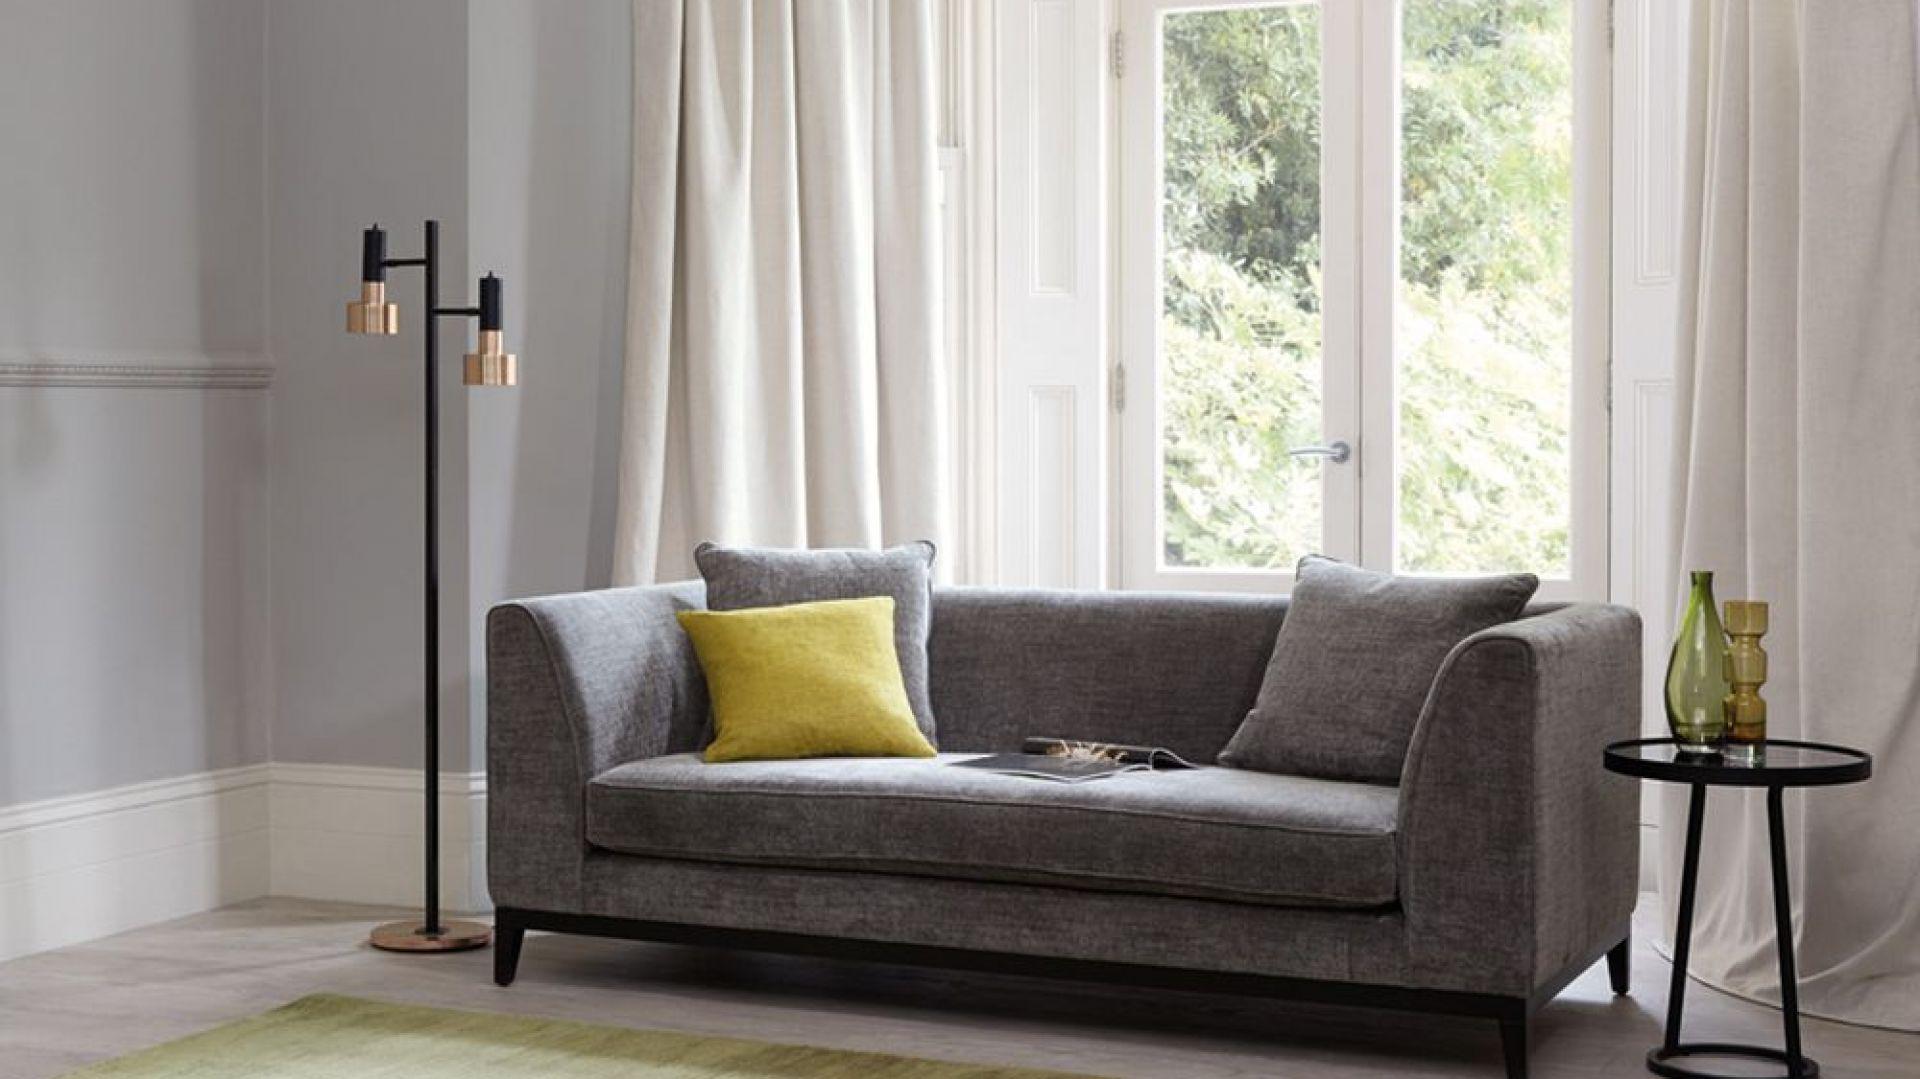 Szarą sofę warto ożywić poduszkami w soczystych, energetycznych kolorach. Do szarości doskonale pasują wszelkie odcienie barwy żółtej. Fot. Romo